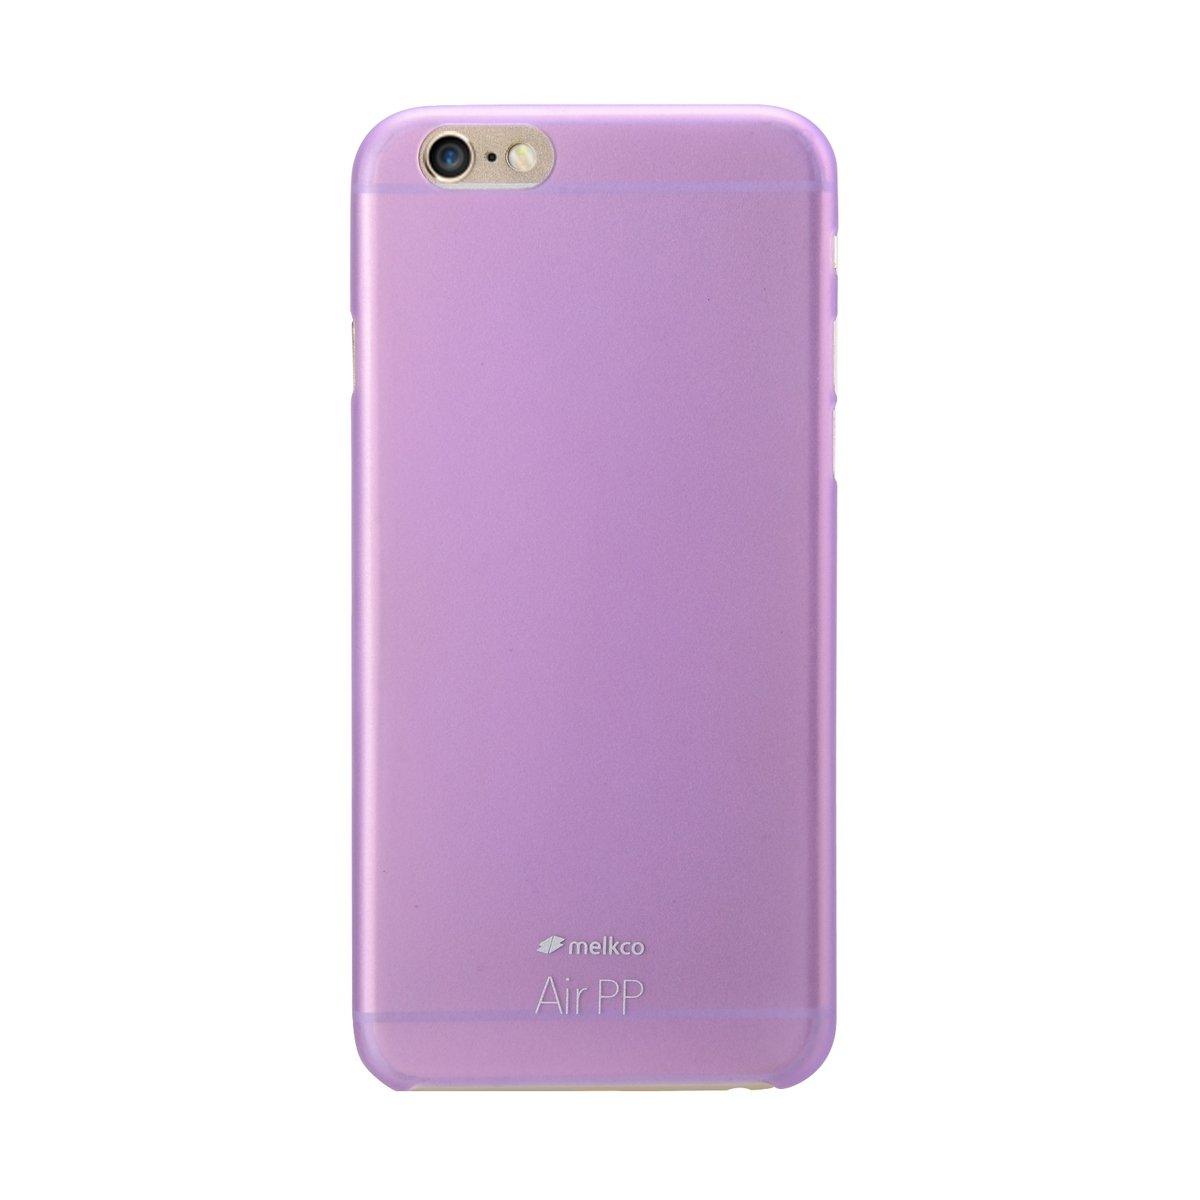 """iPhone 6 Plus/6S Plus (5.5"""") Air PP 超薄防刮殼 - 紫色(附送屏幕保護貼)"""